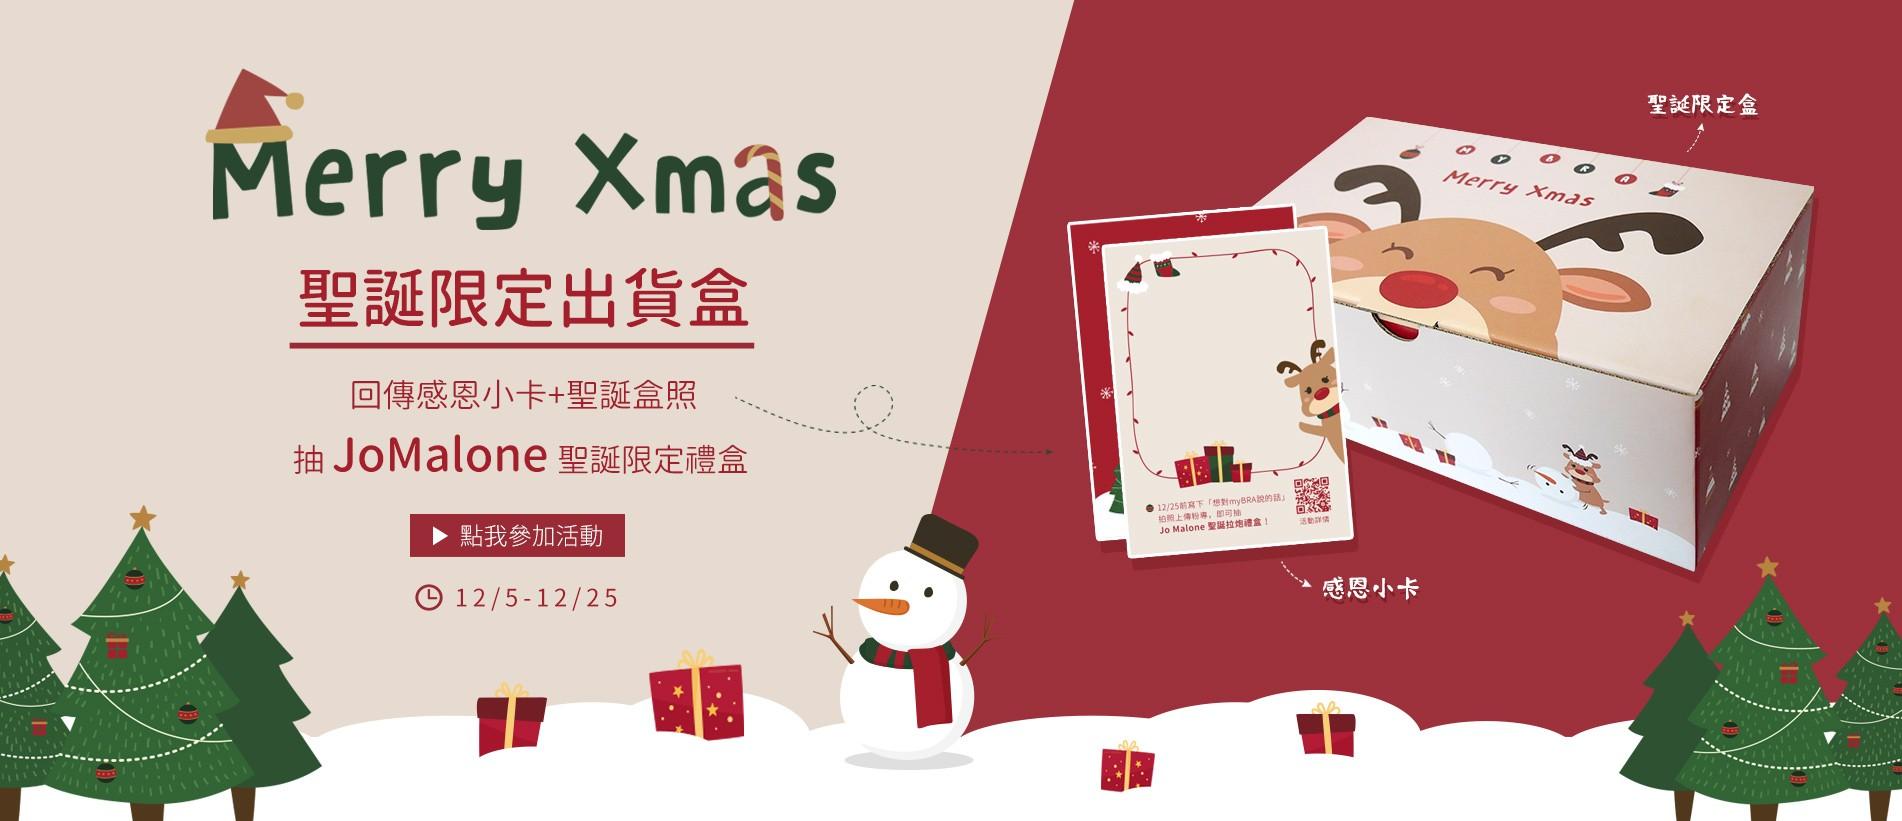 1205 聖誕包裝社群活動